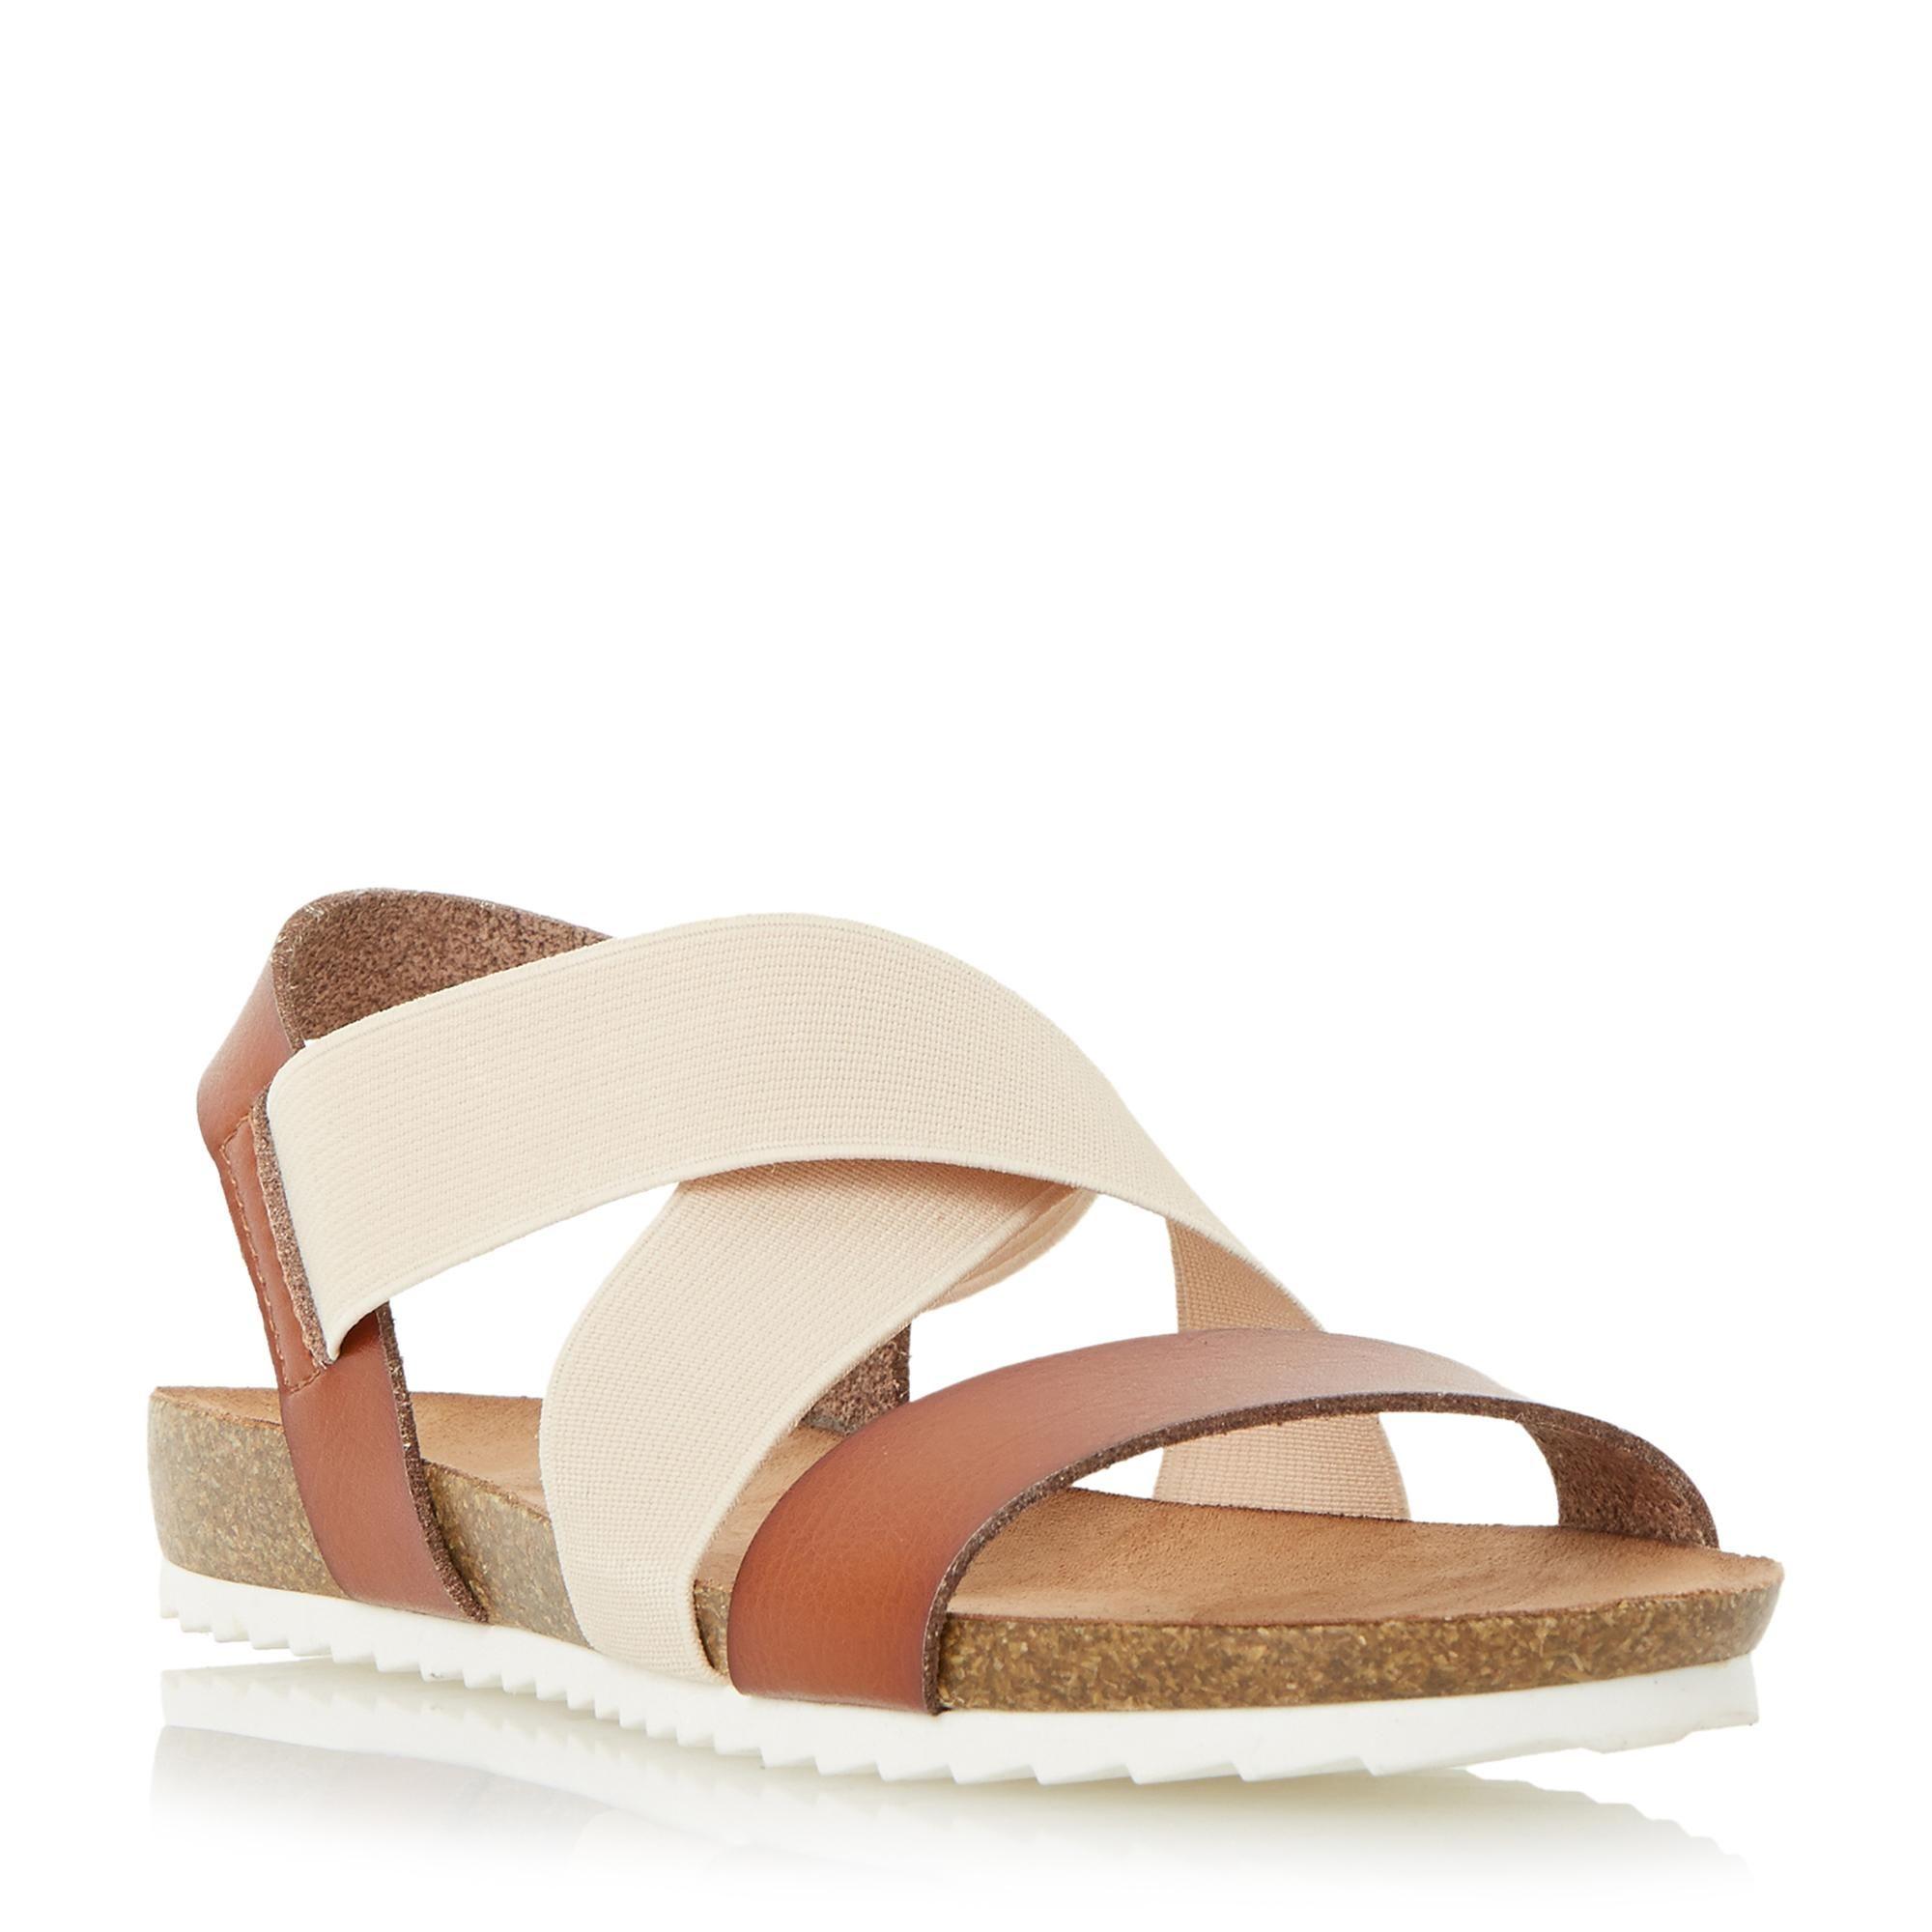 fd90421ea48 HEAD OVER HEELS LADIES LAURELLE - Cross Strap Footbed Flat Sandal - tan